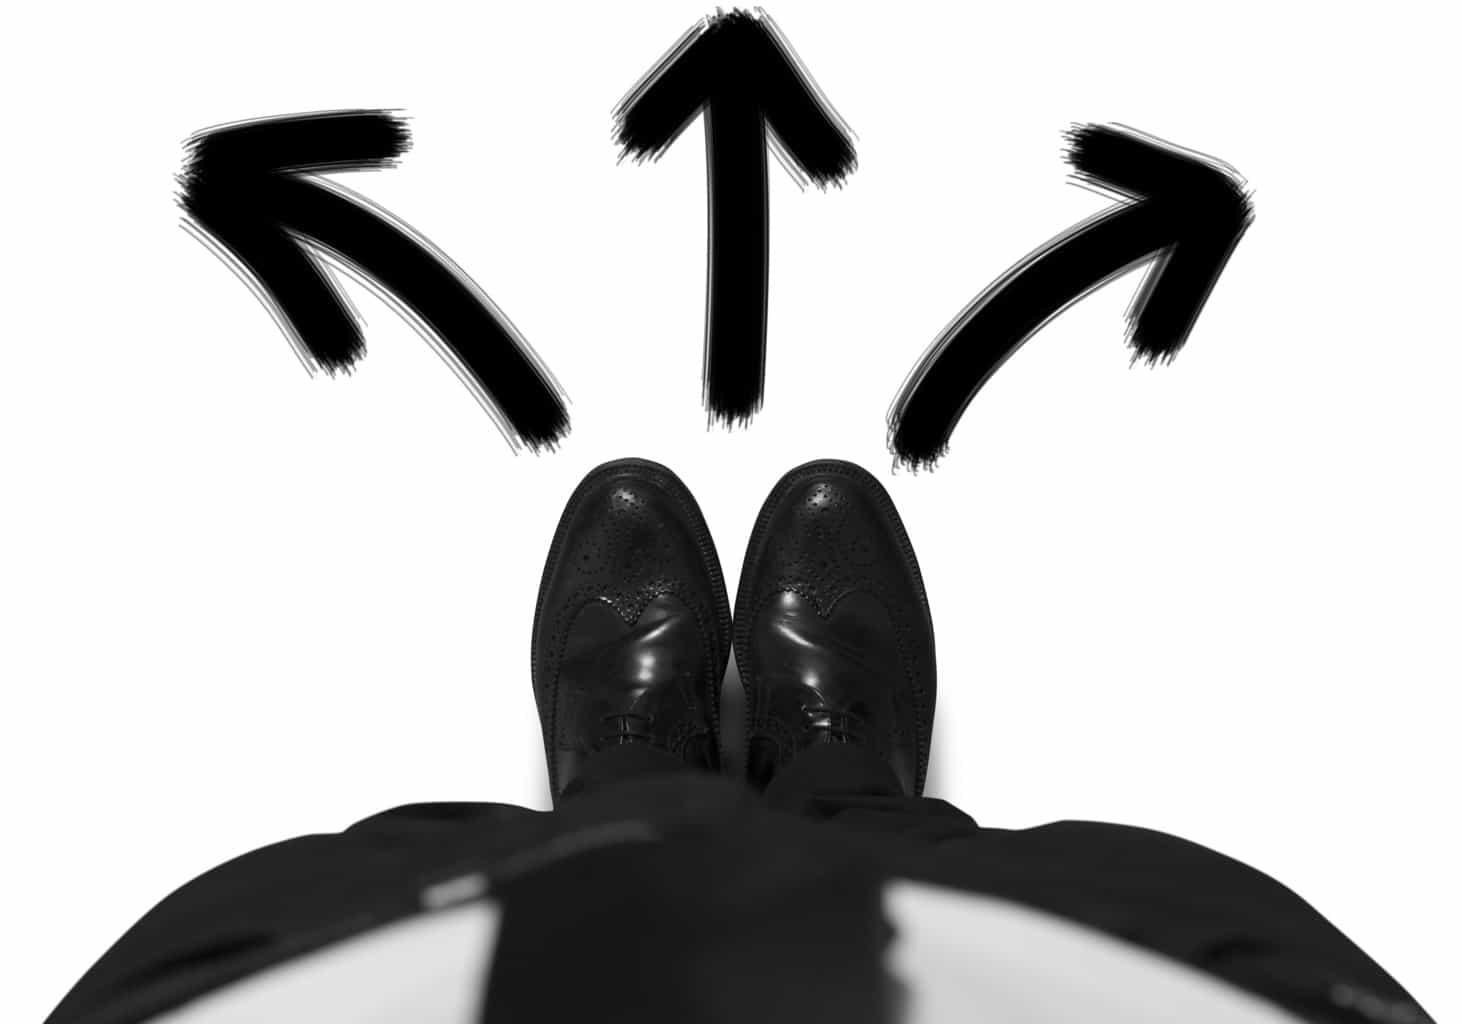 Když nevím, ale musím rozhodnout: Jak překonat strach z rozhodování